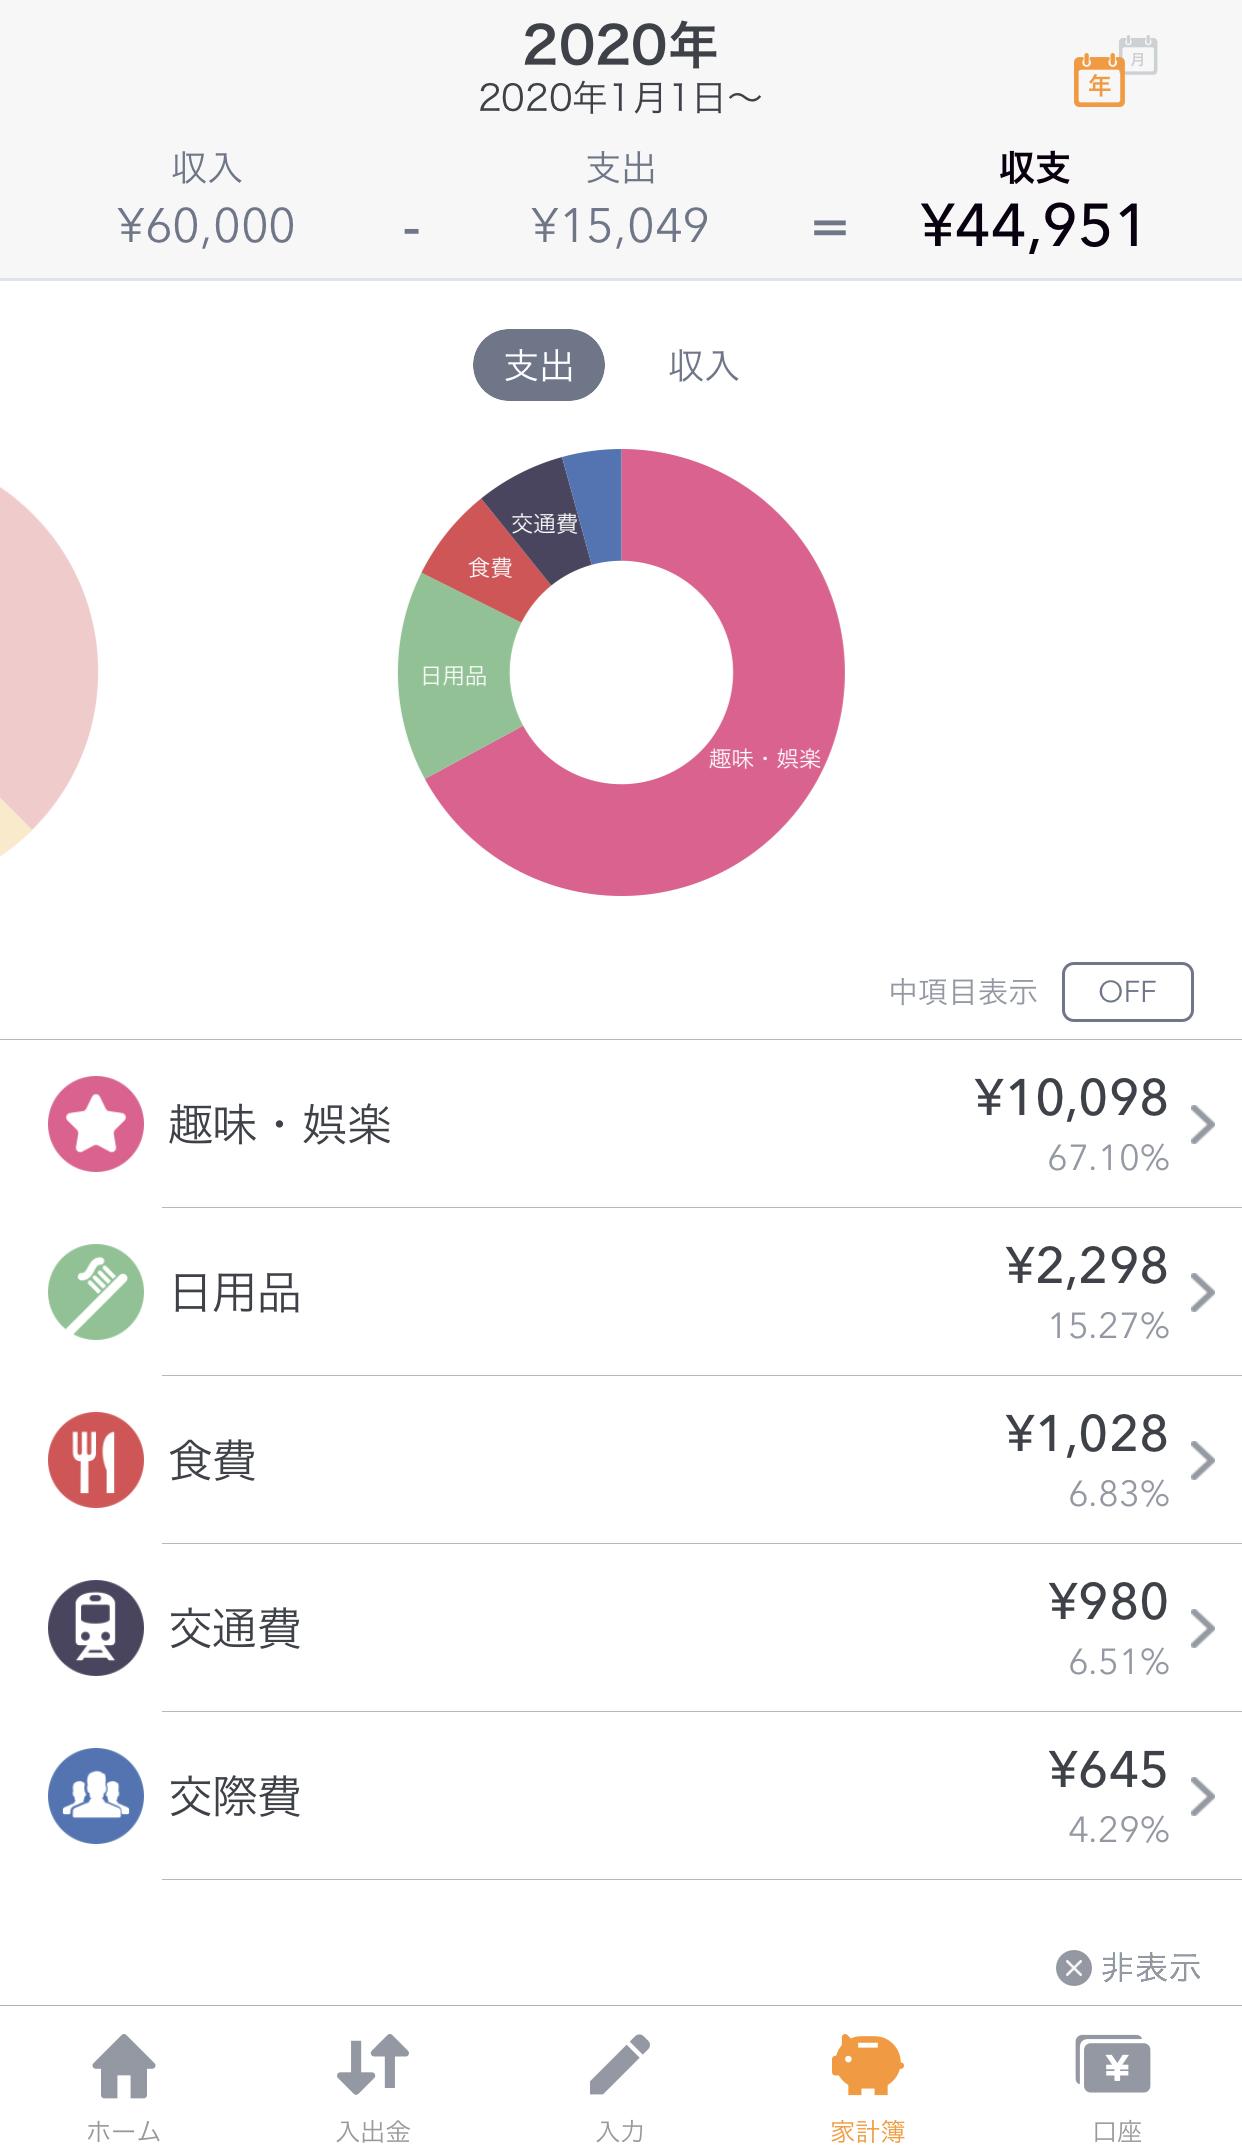 家計を見直すポイントとは?おすすめの家計簿アプリをご紹介!